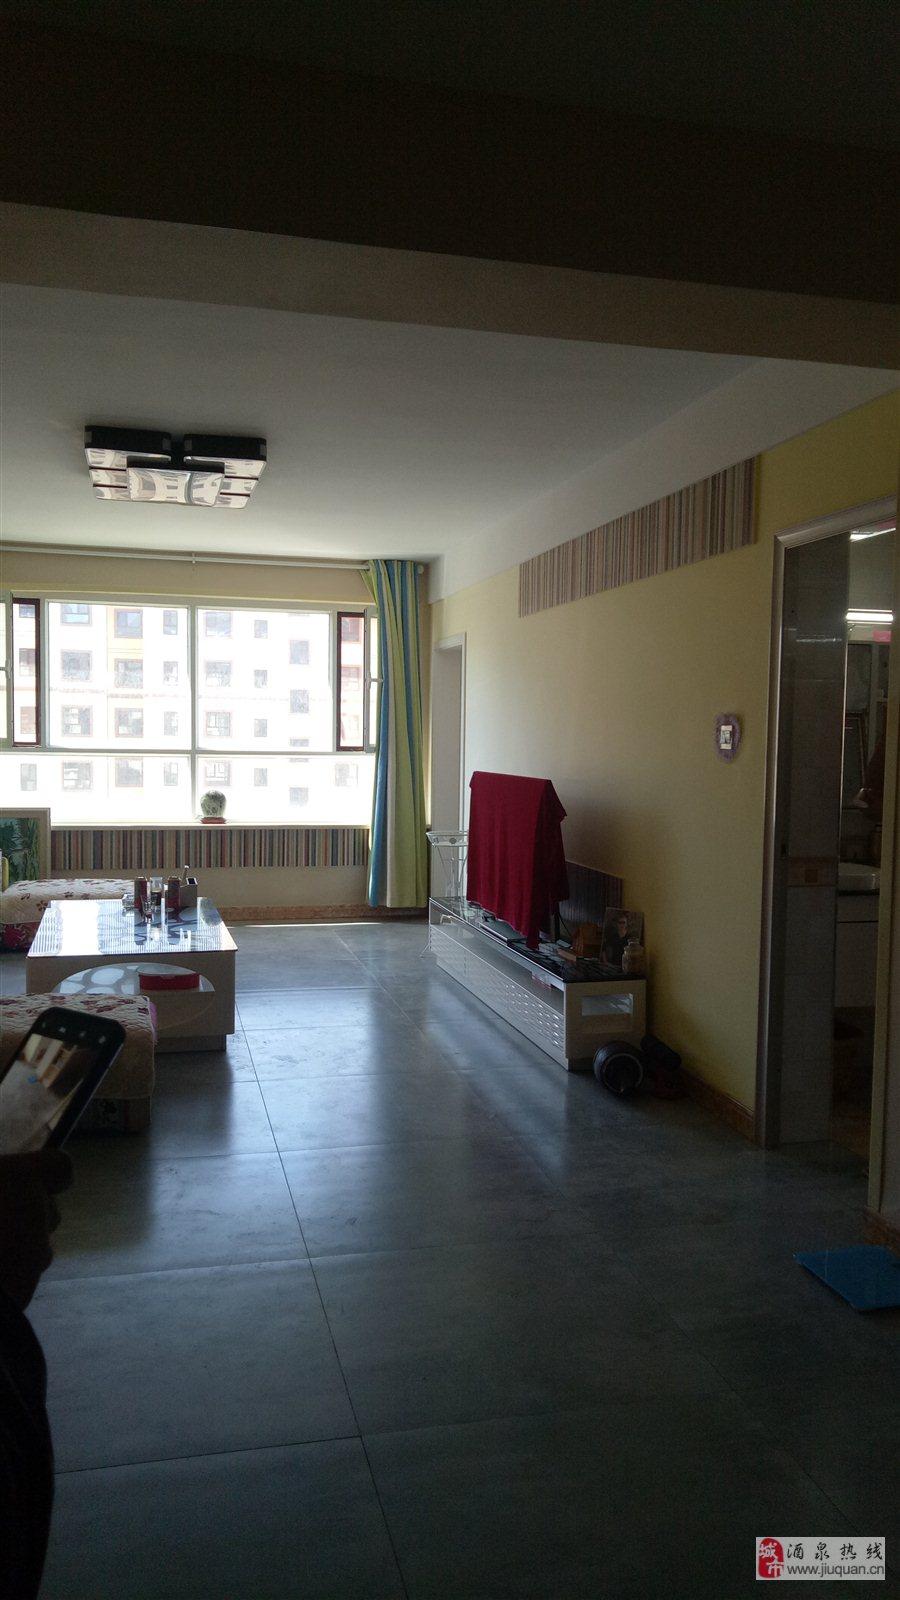 居雅苑2室 2厅 1卫59.5万元